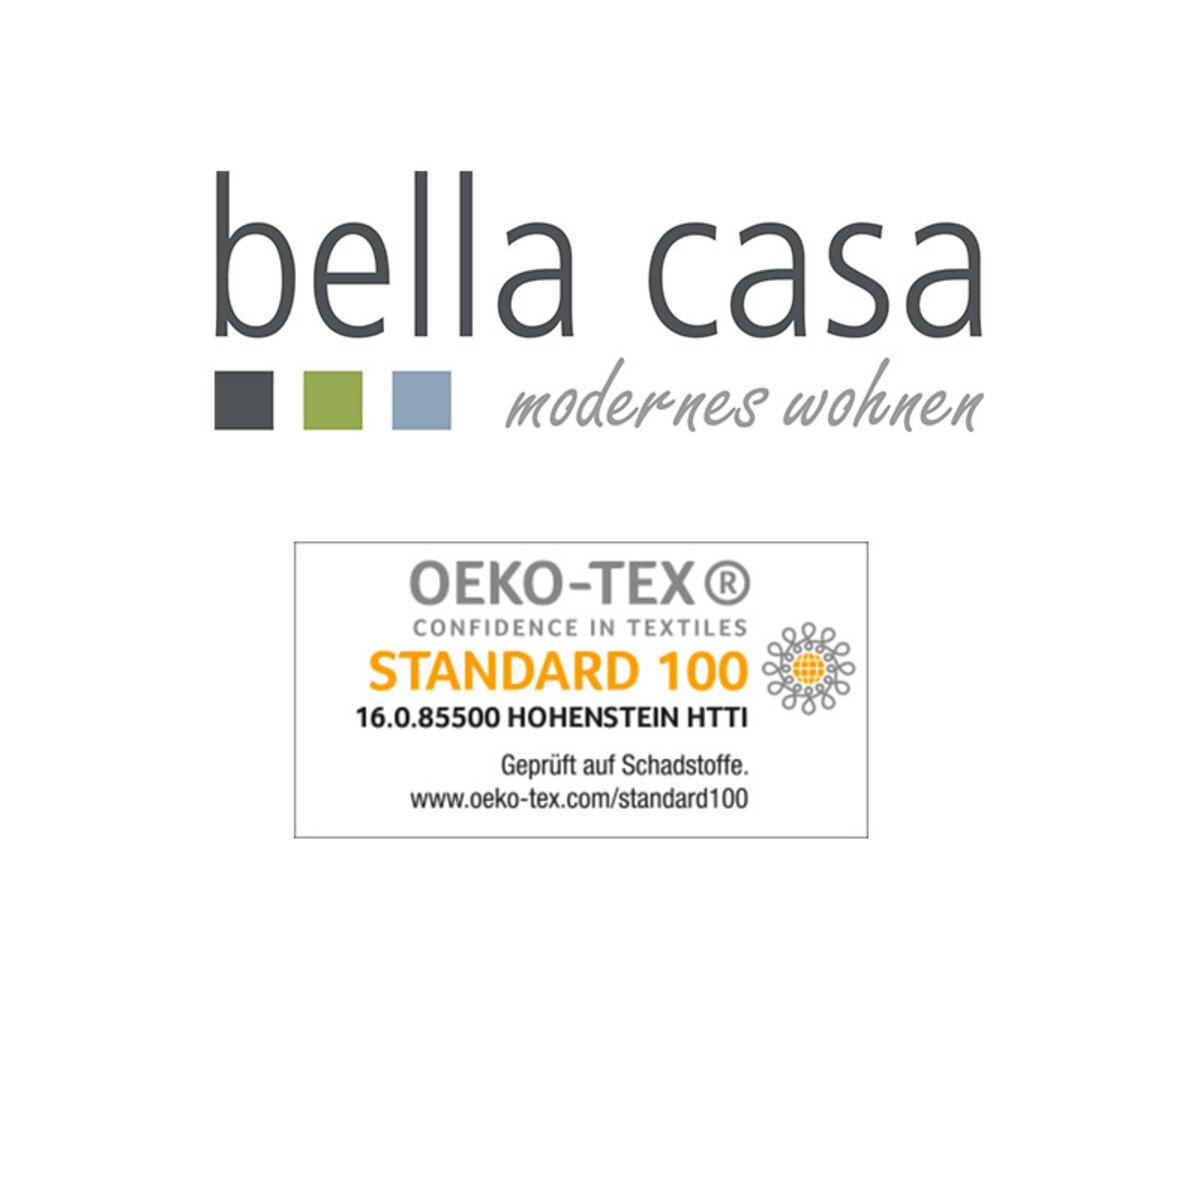 Bild 2 von Bella Casa Chillkissen 2er Pack, ca. 70x120 cm, Betongrau